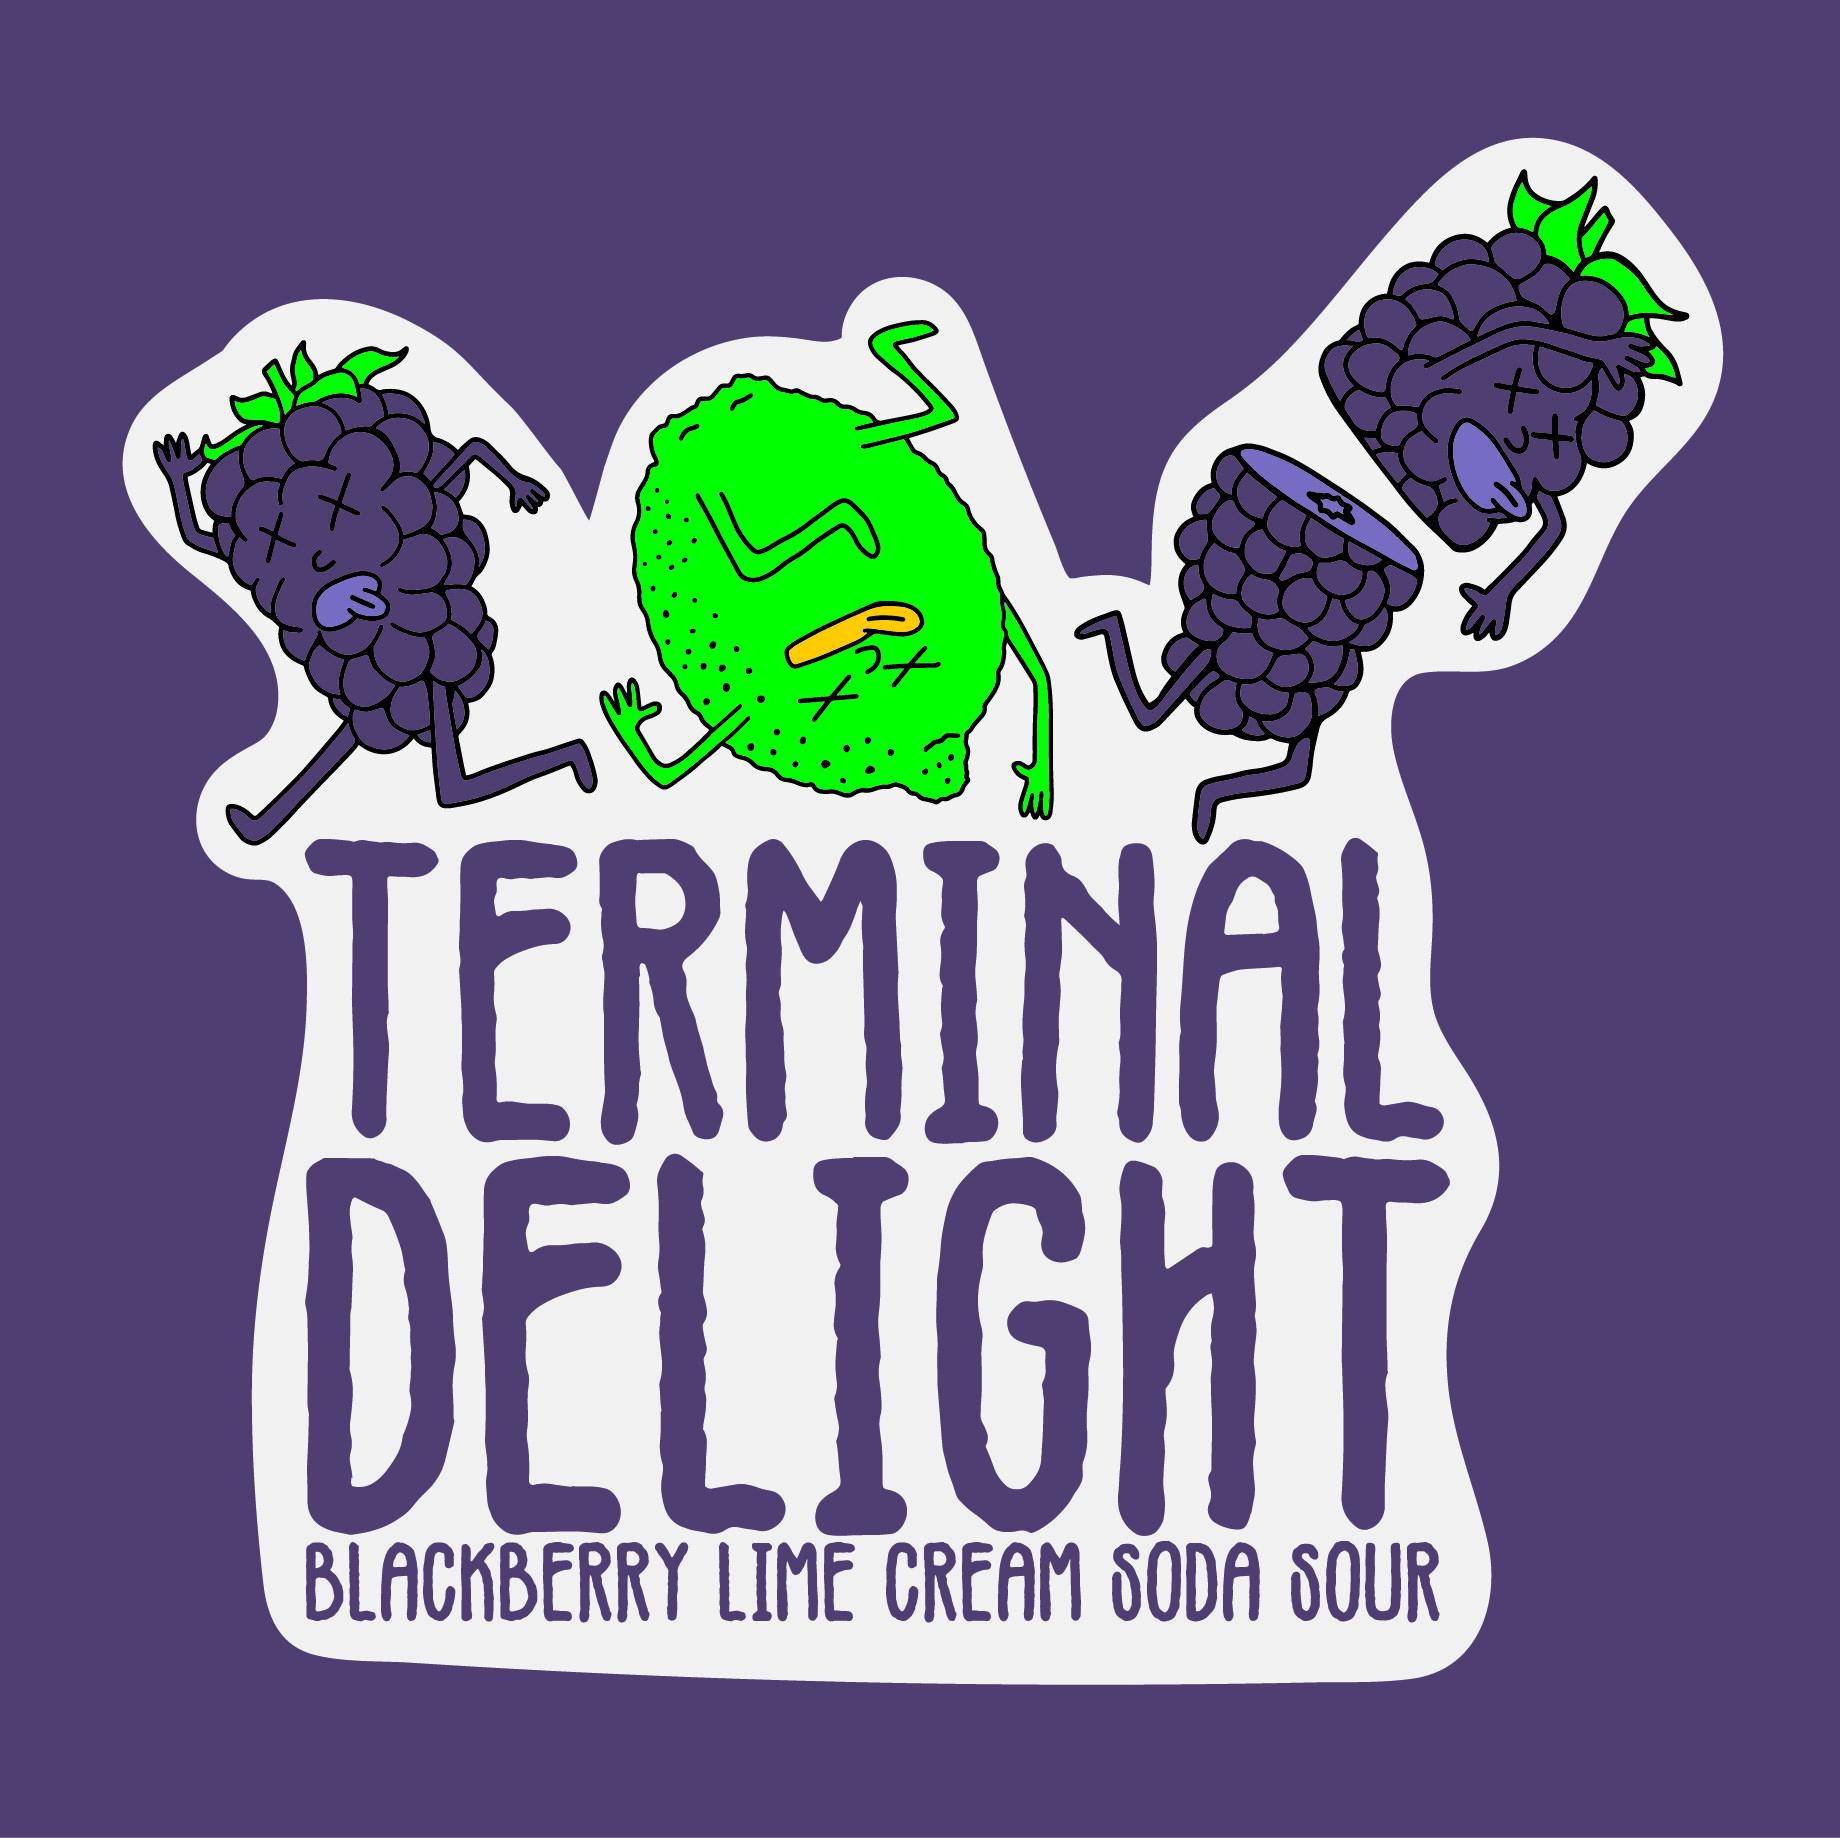 Blackberry Lime Terminal Delight.jpg